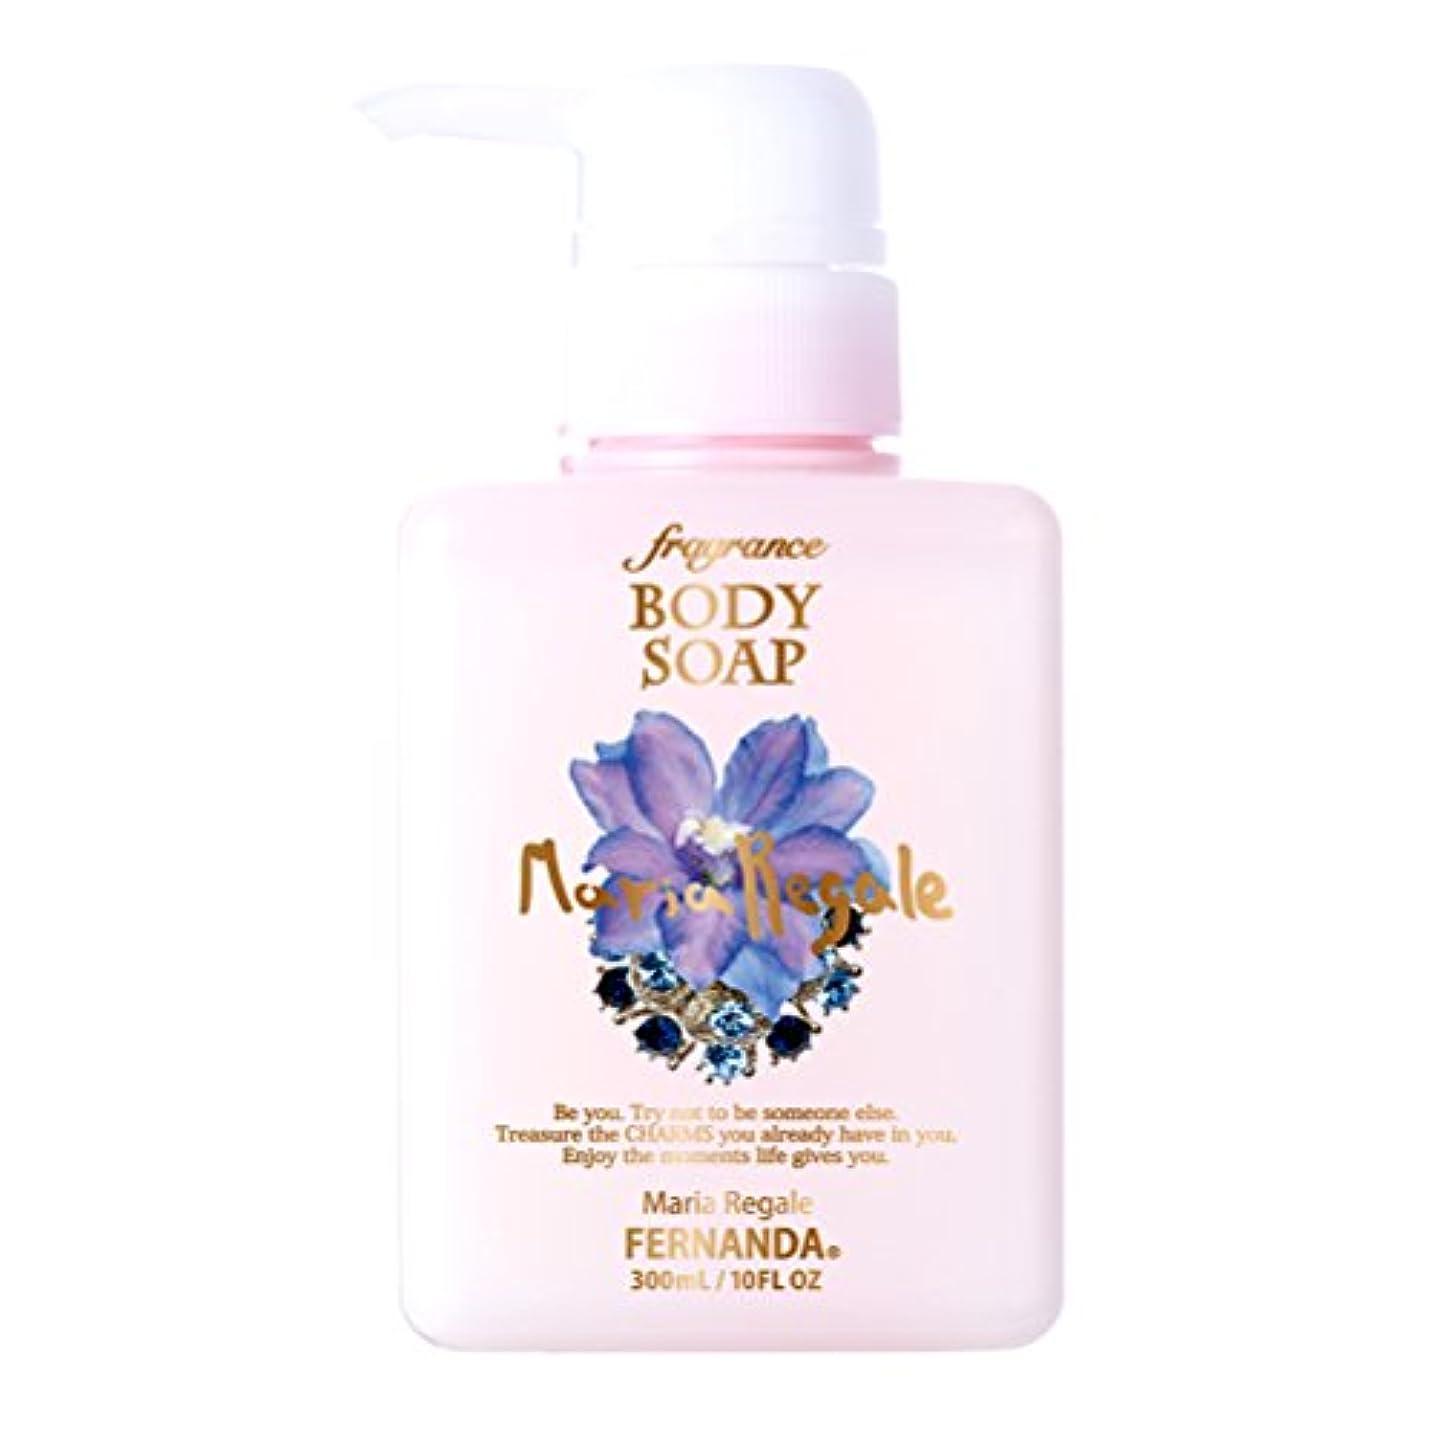 むしろのぞき穴世界FERNANDA(フェルナンダ) Fragrance Body Soap Maria Regale (ボディソープ マリアリゲル) FJBS0003